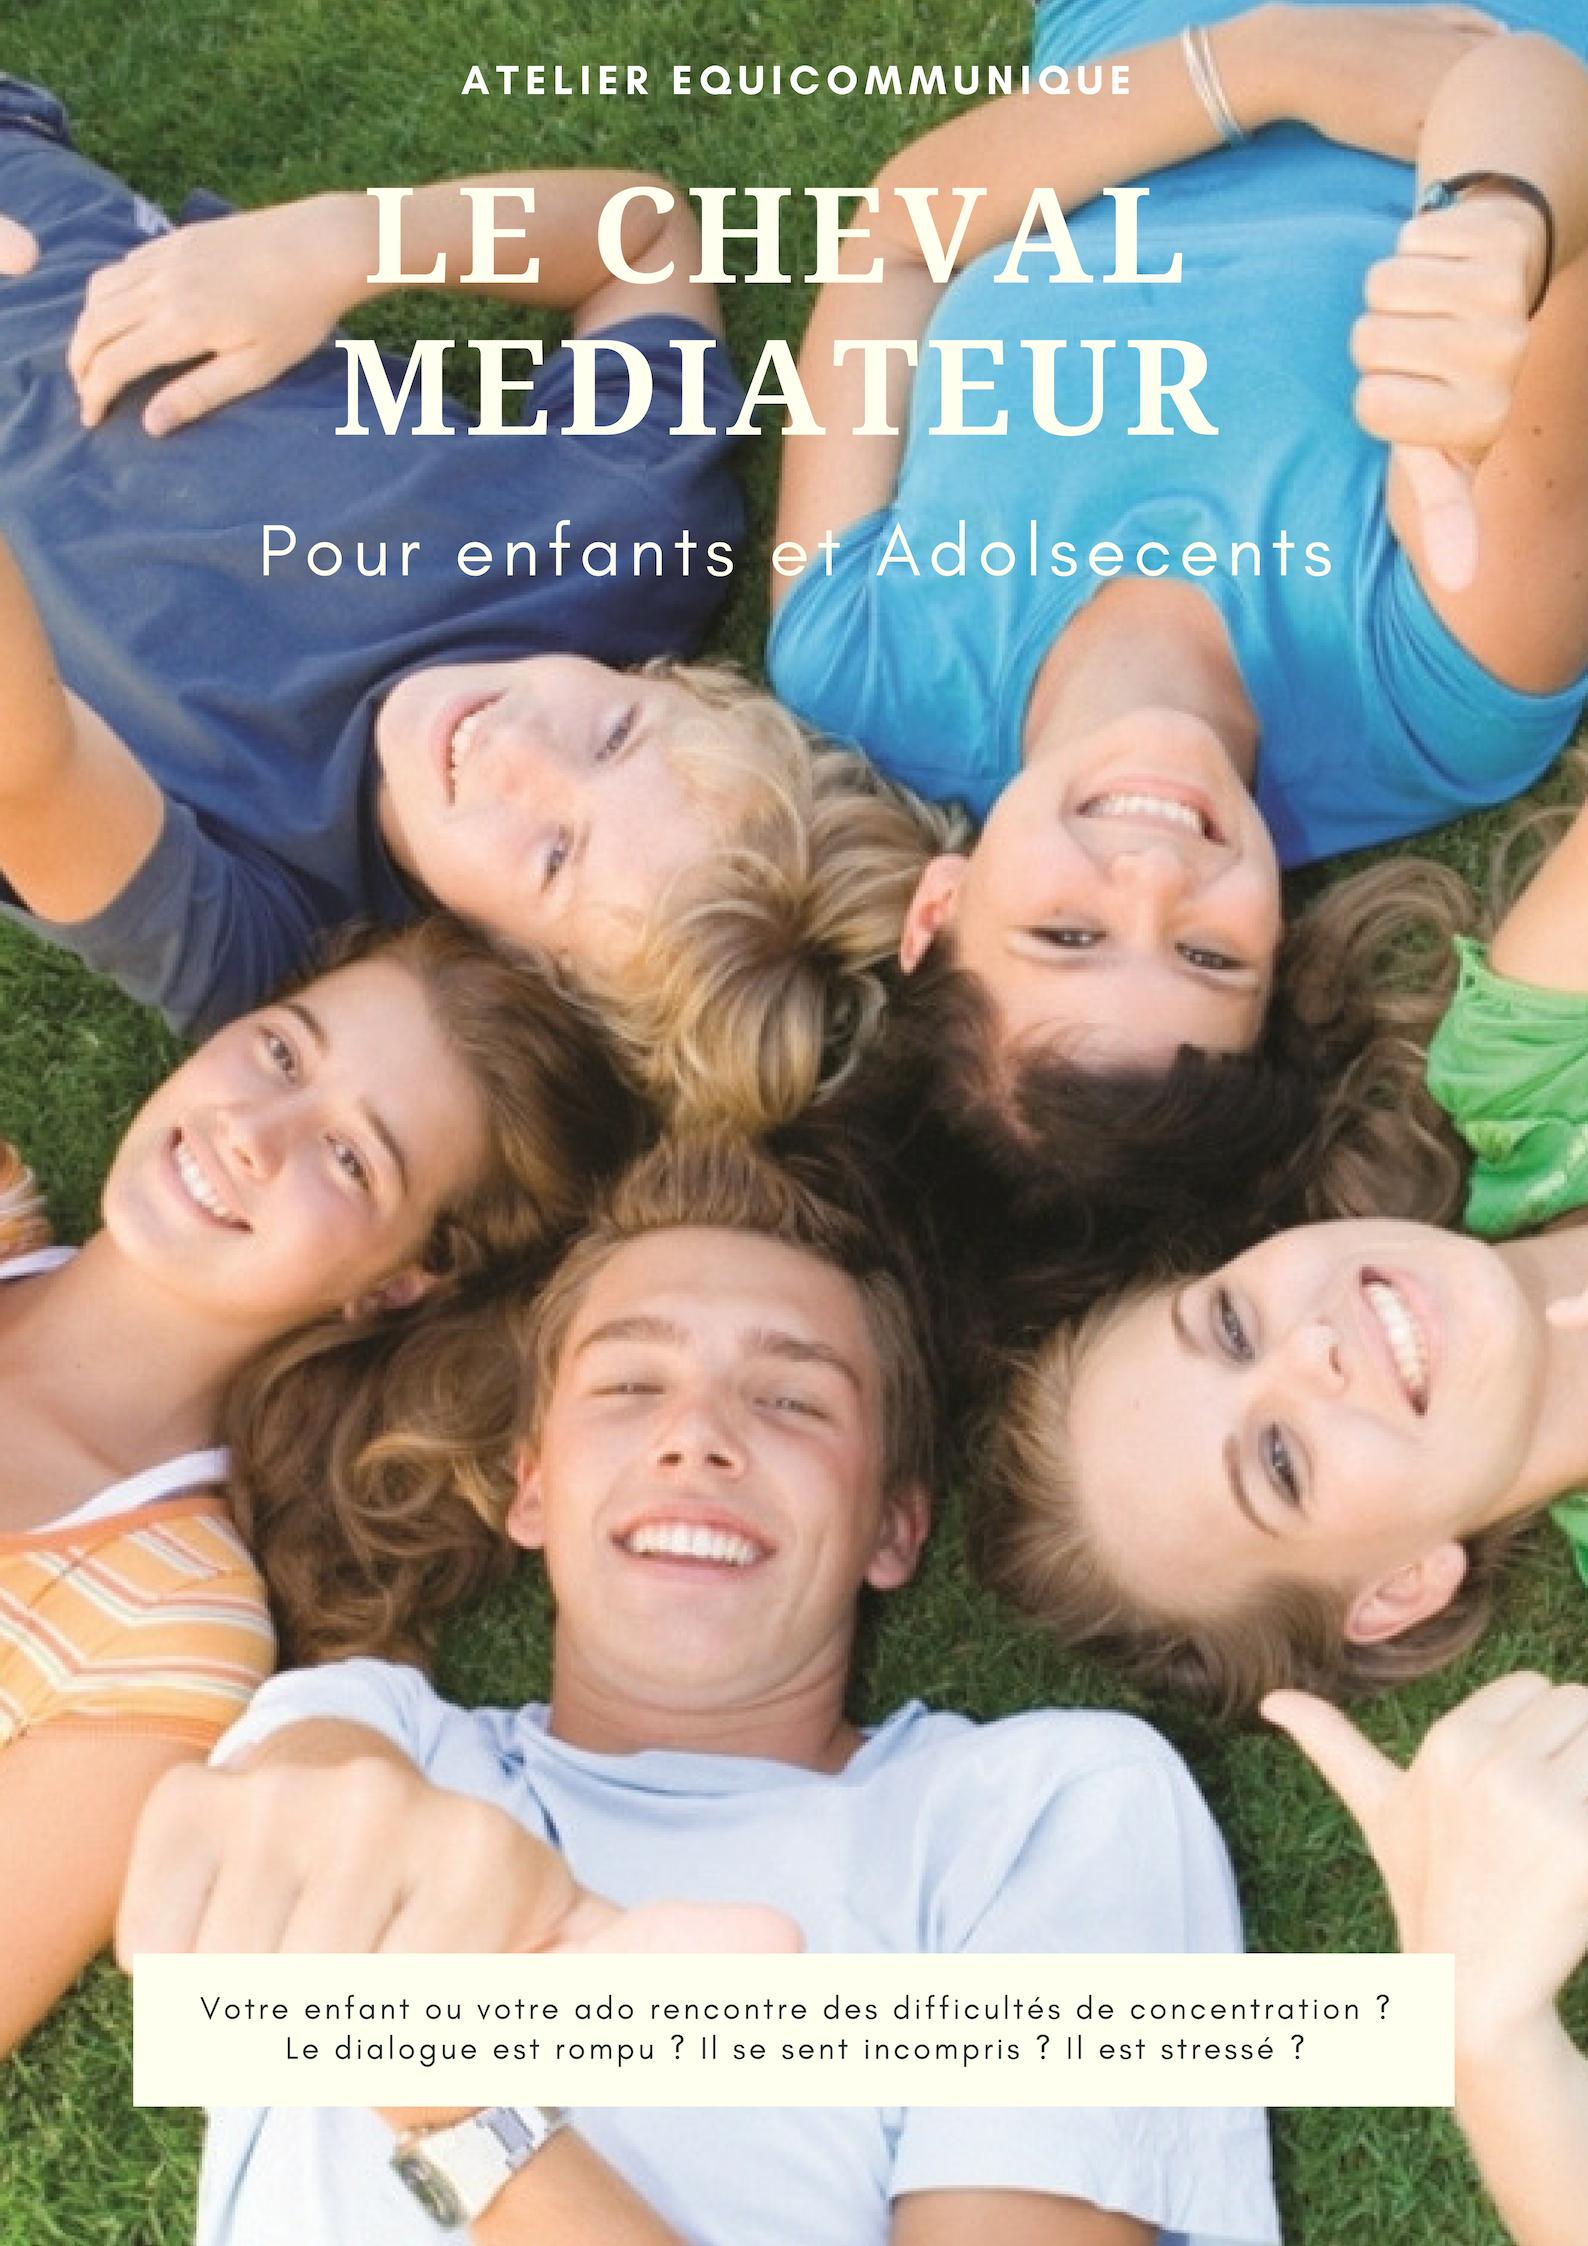 Atelier Cheval médiateur ECU Enfants et Ado